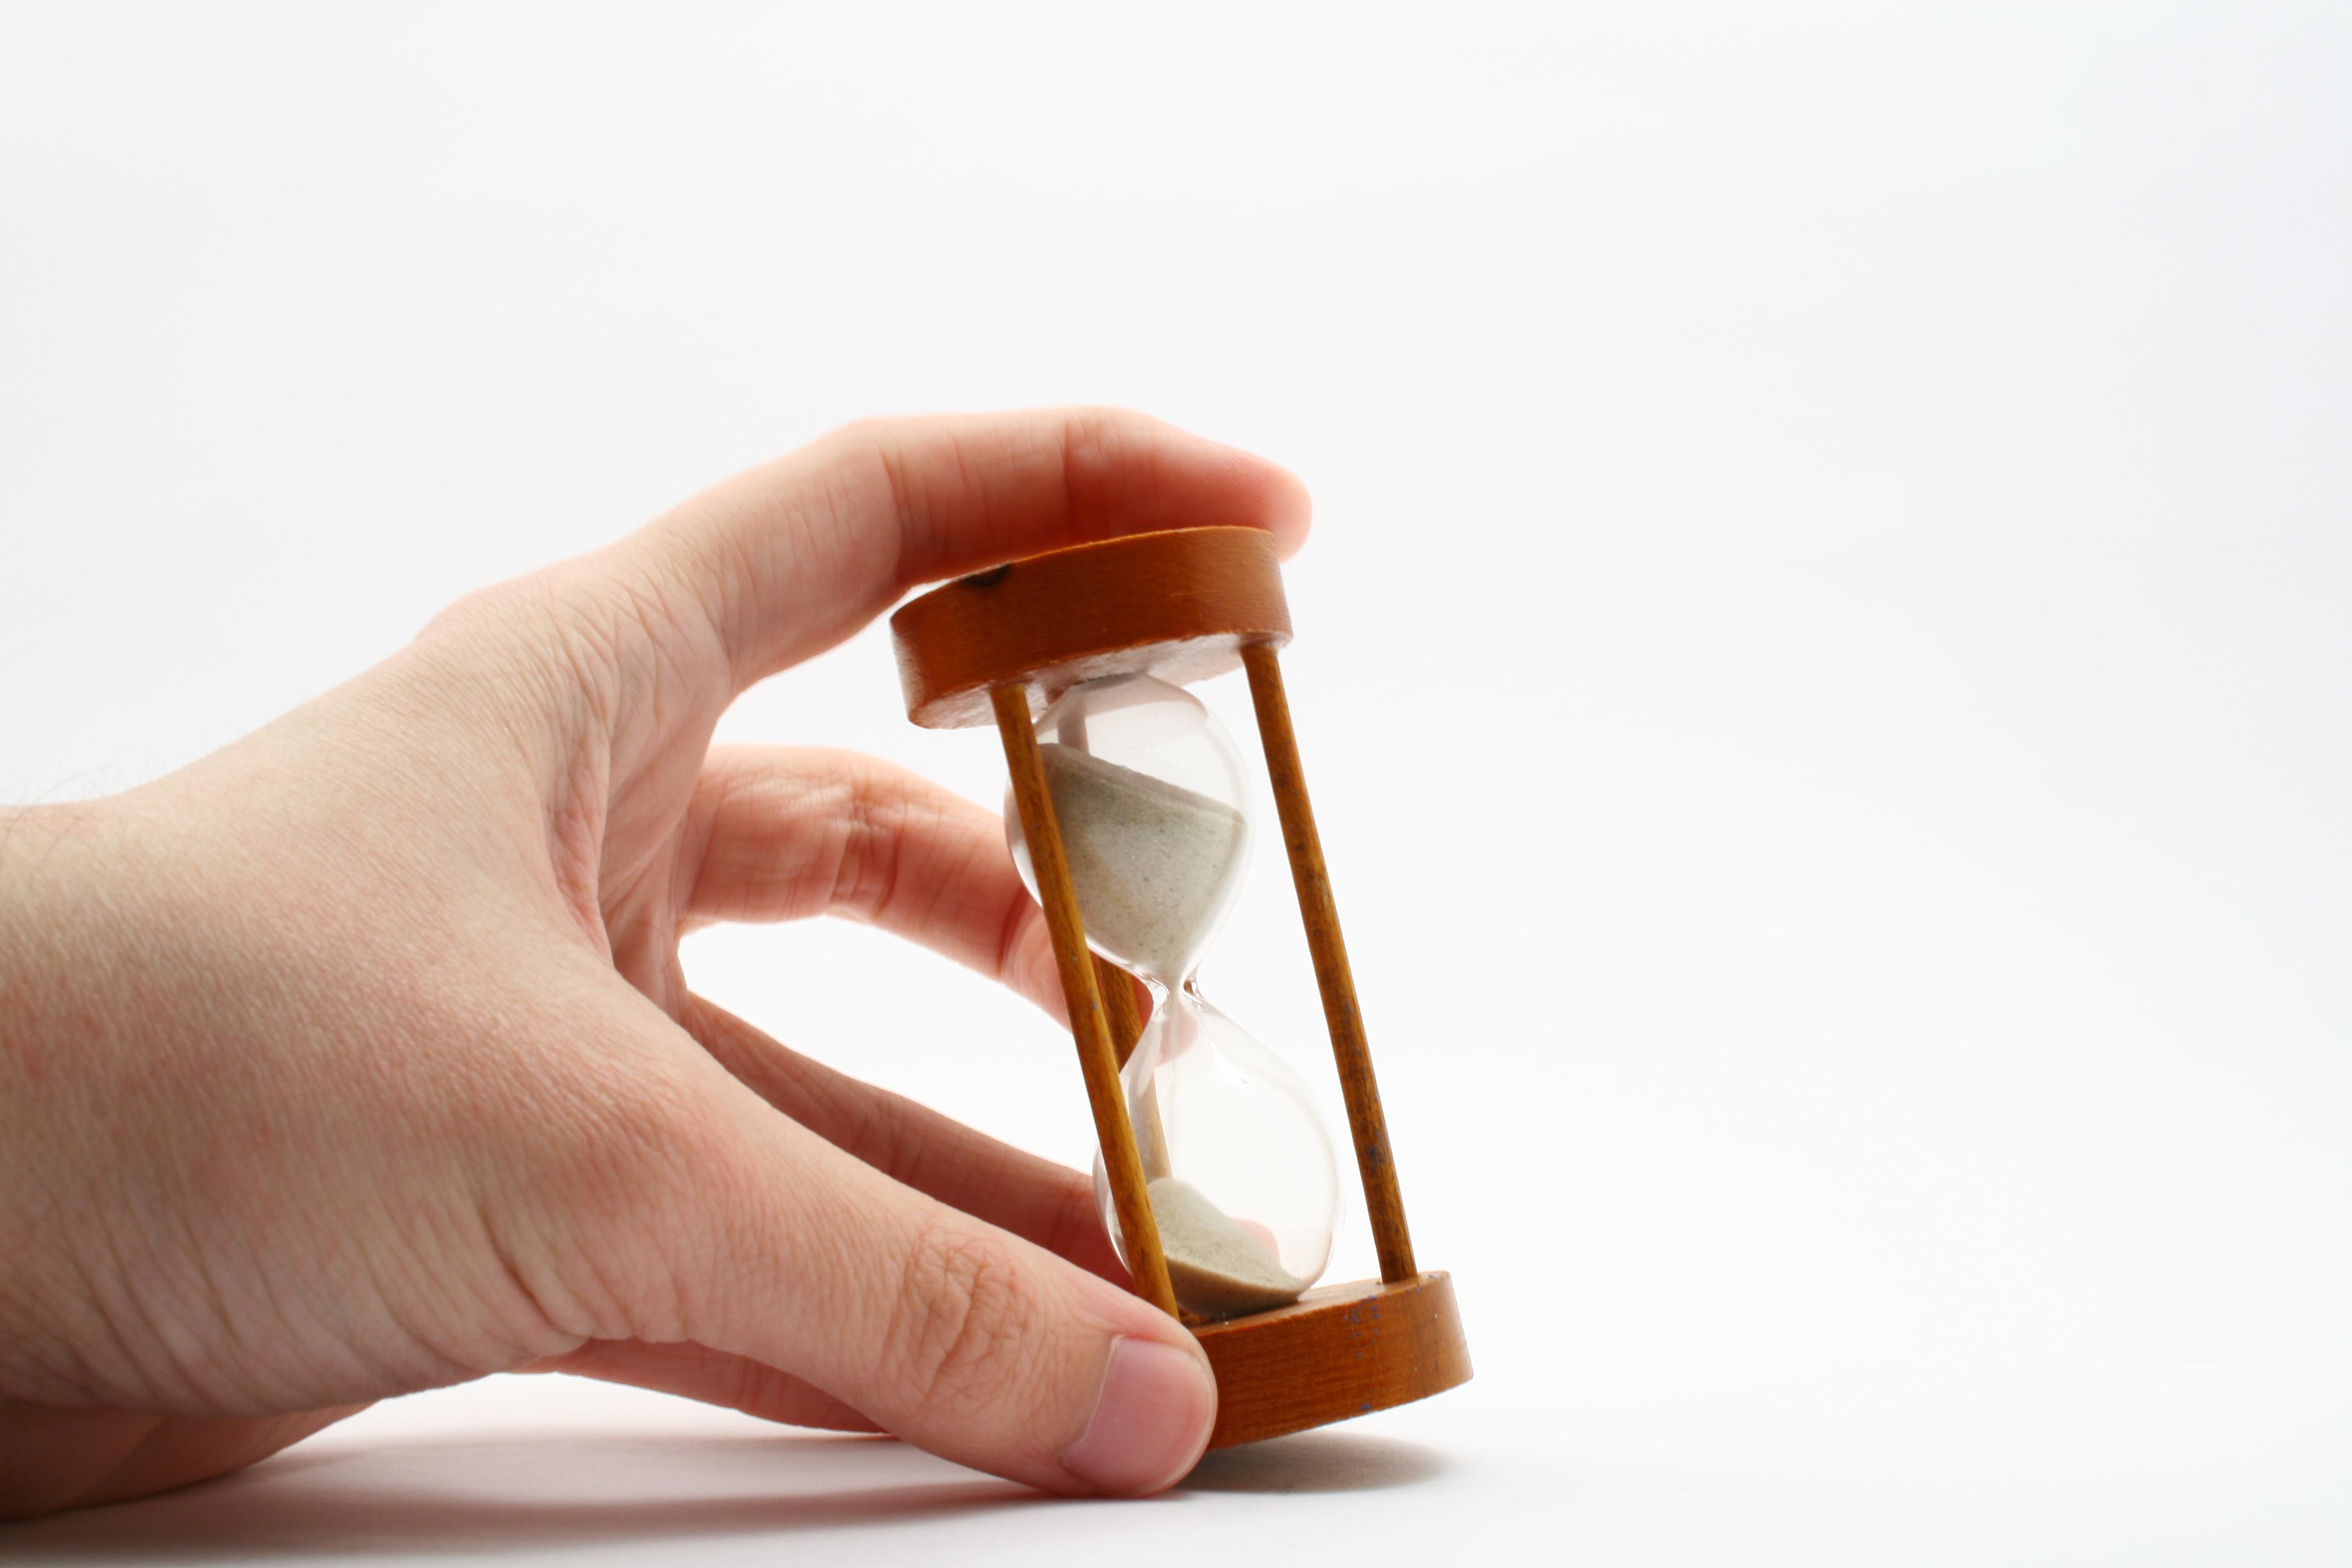 přesýpací hodiny s rukou